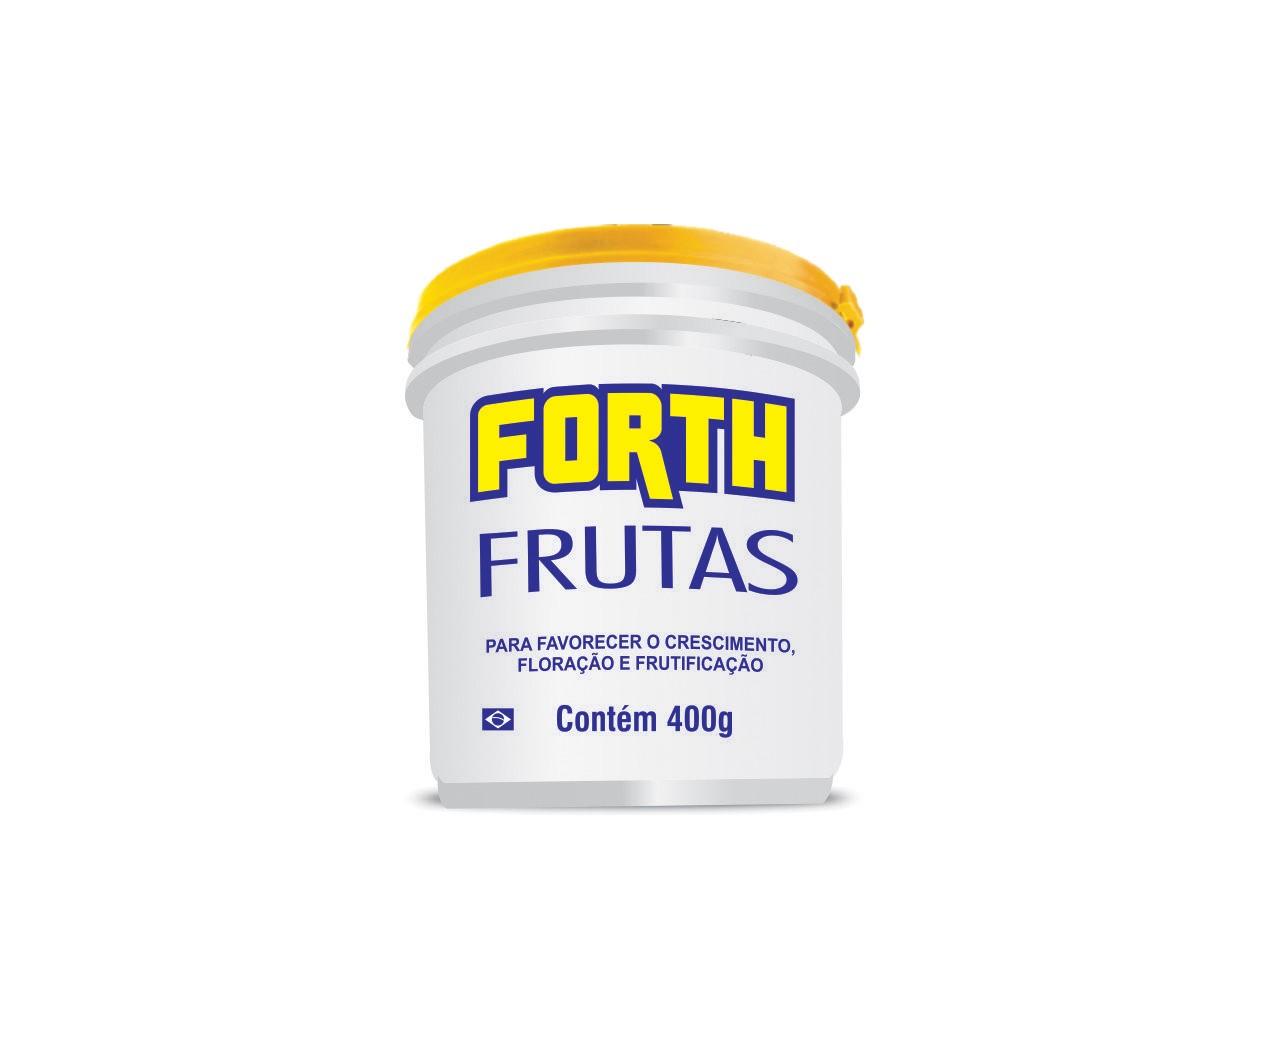 Fertilizante Adubo FORTH Frutas 400g